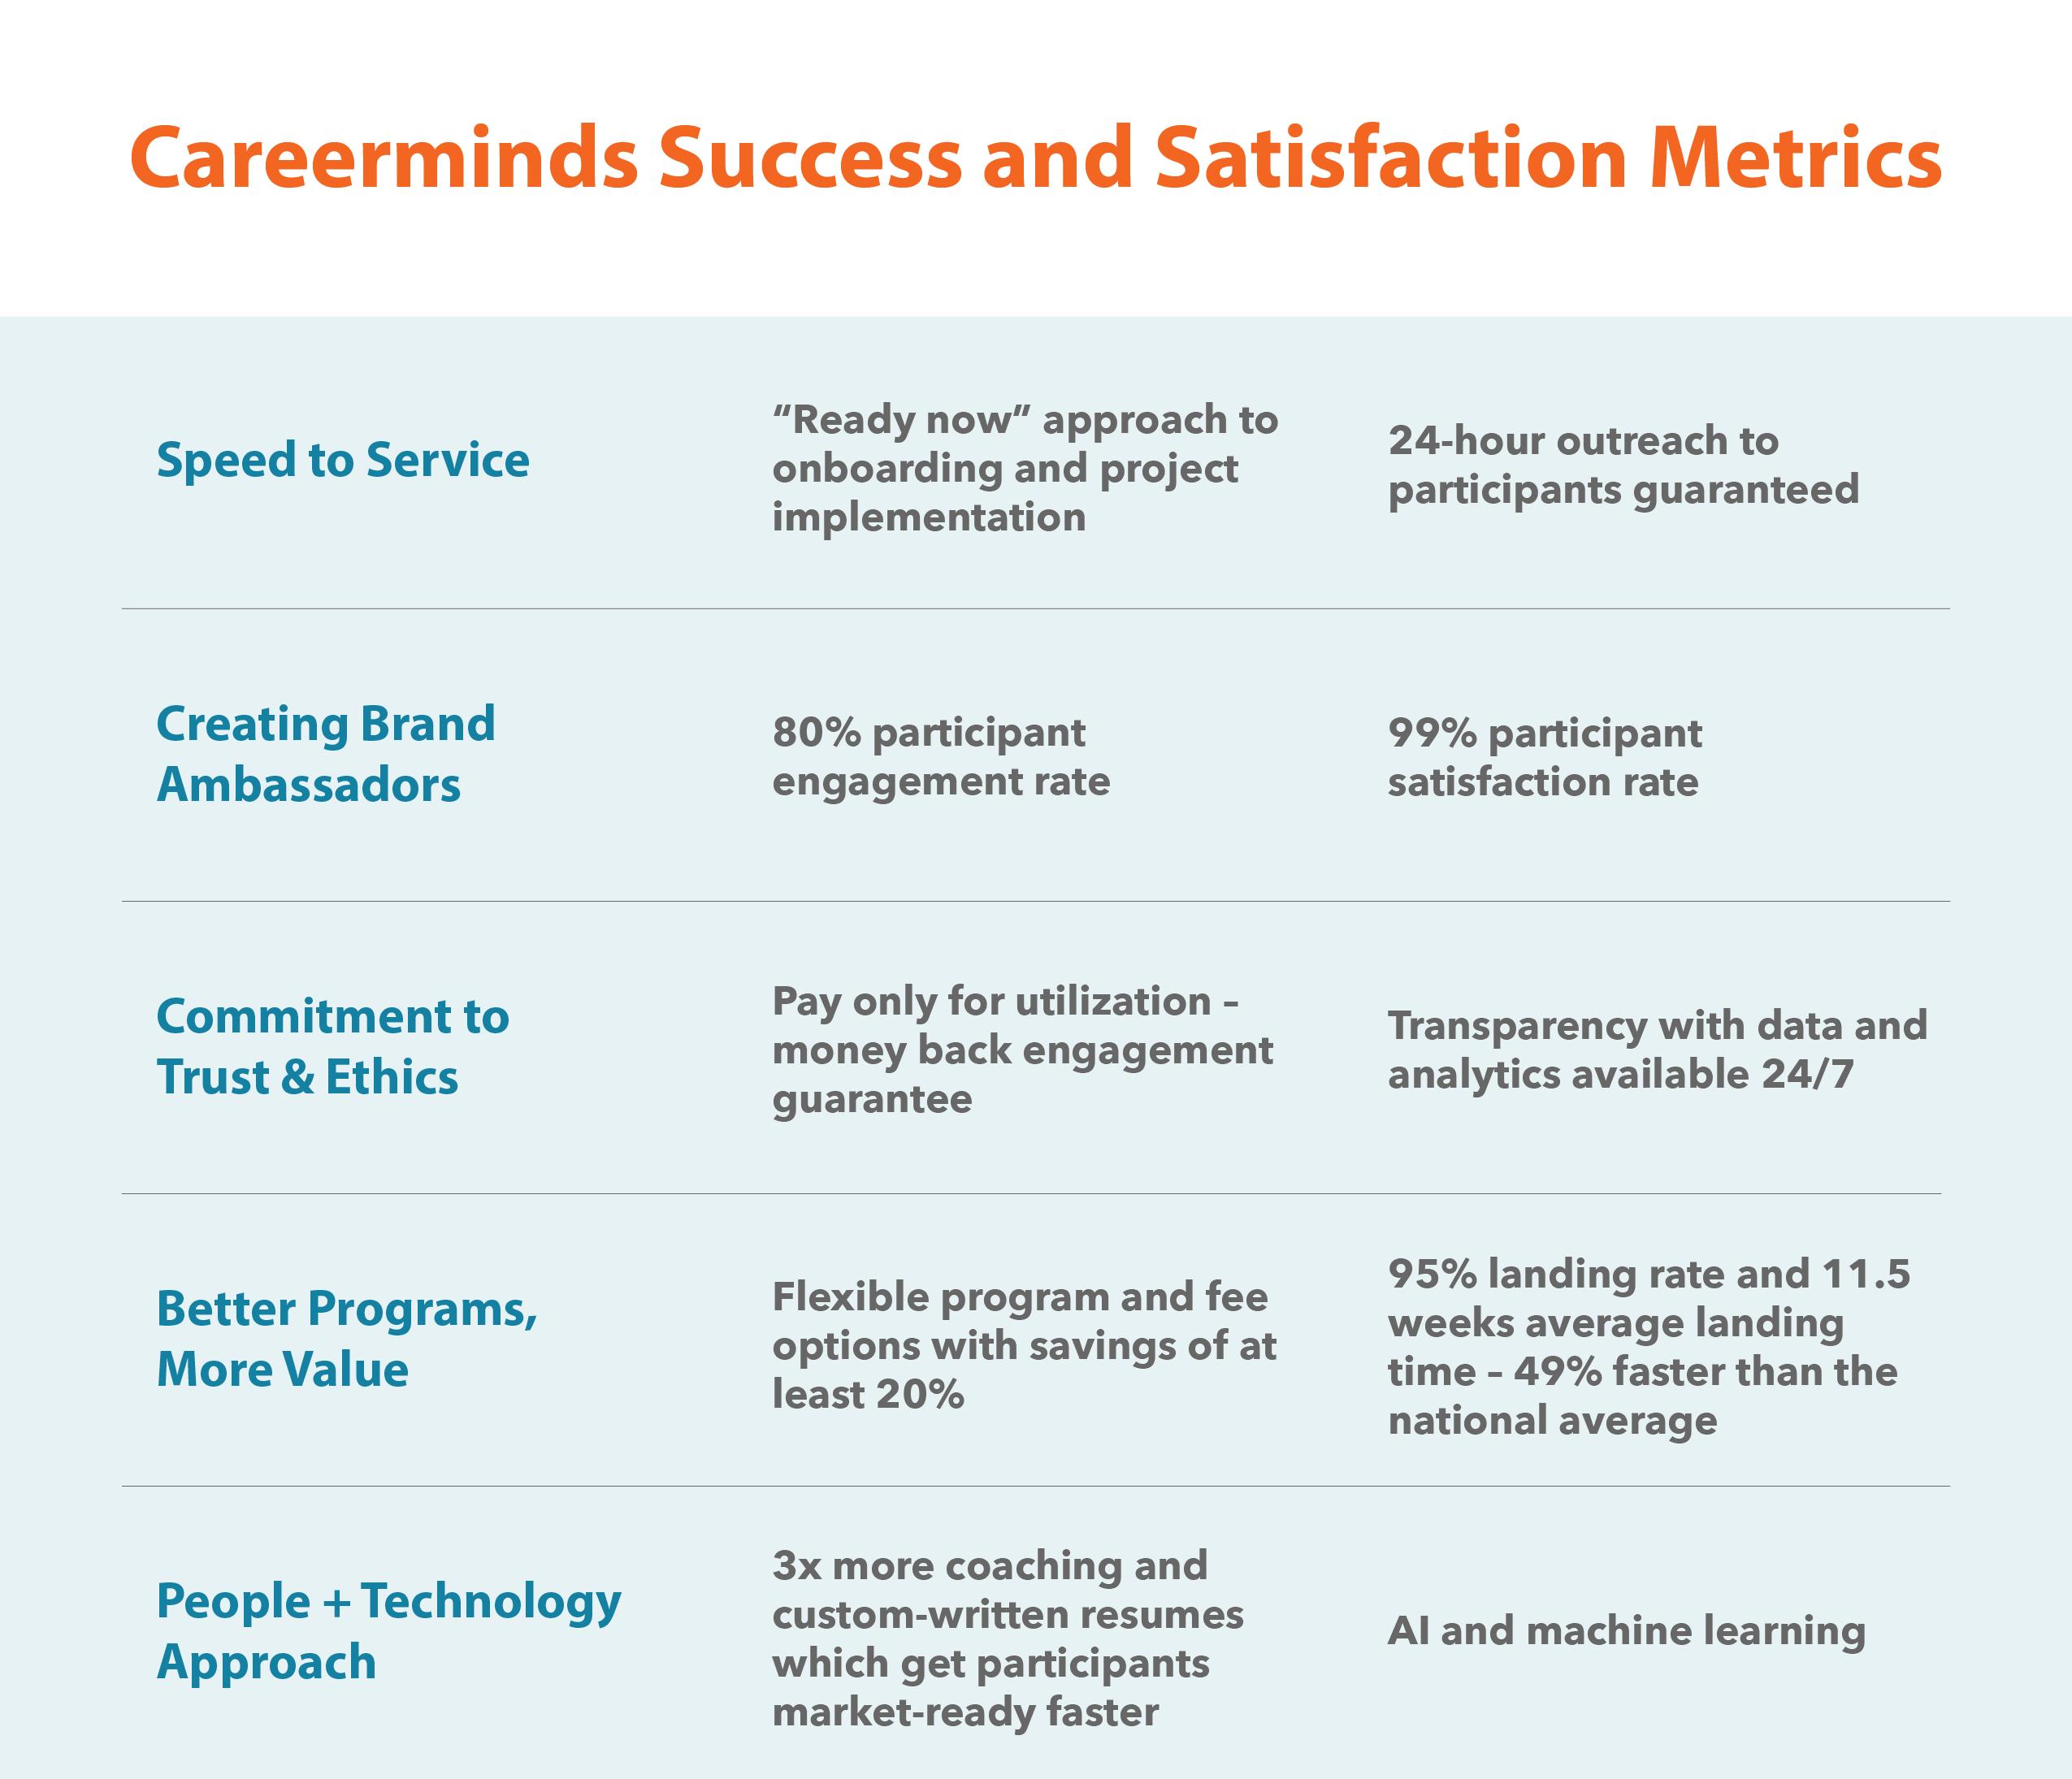 Careerminds Success and Satisfaction Metrics-1